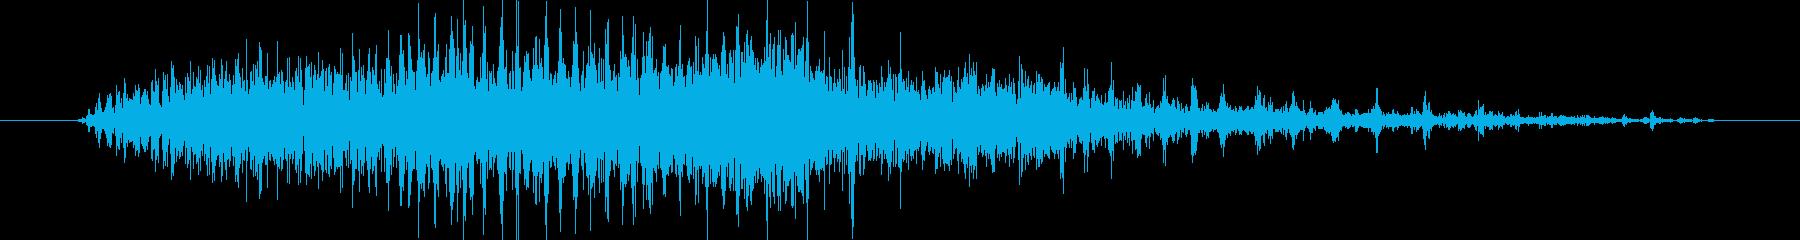 振動サンダー:誤った開始、サンディ...の再生済みの波形